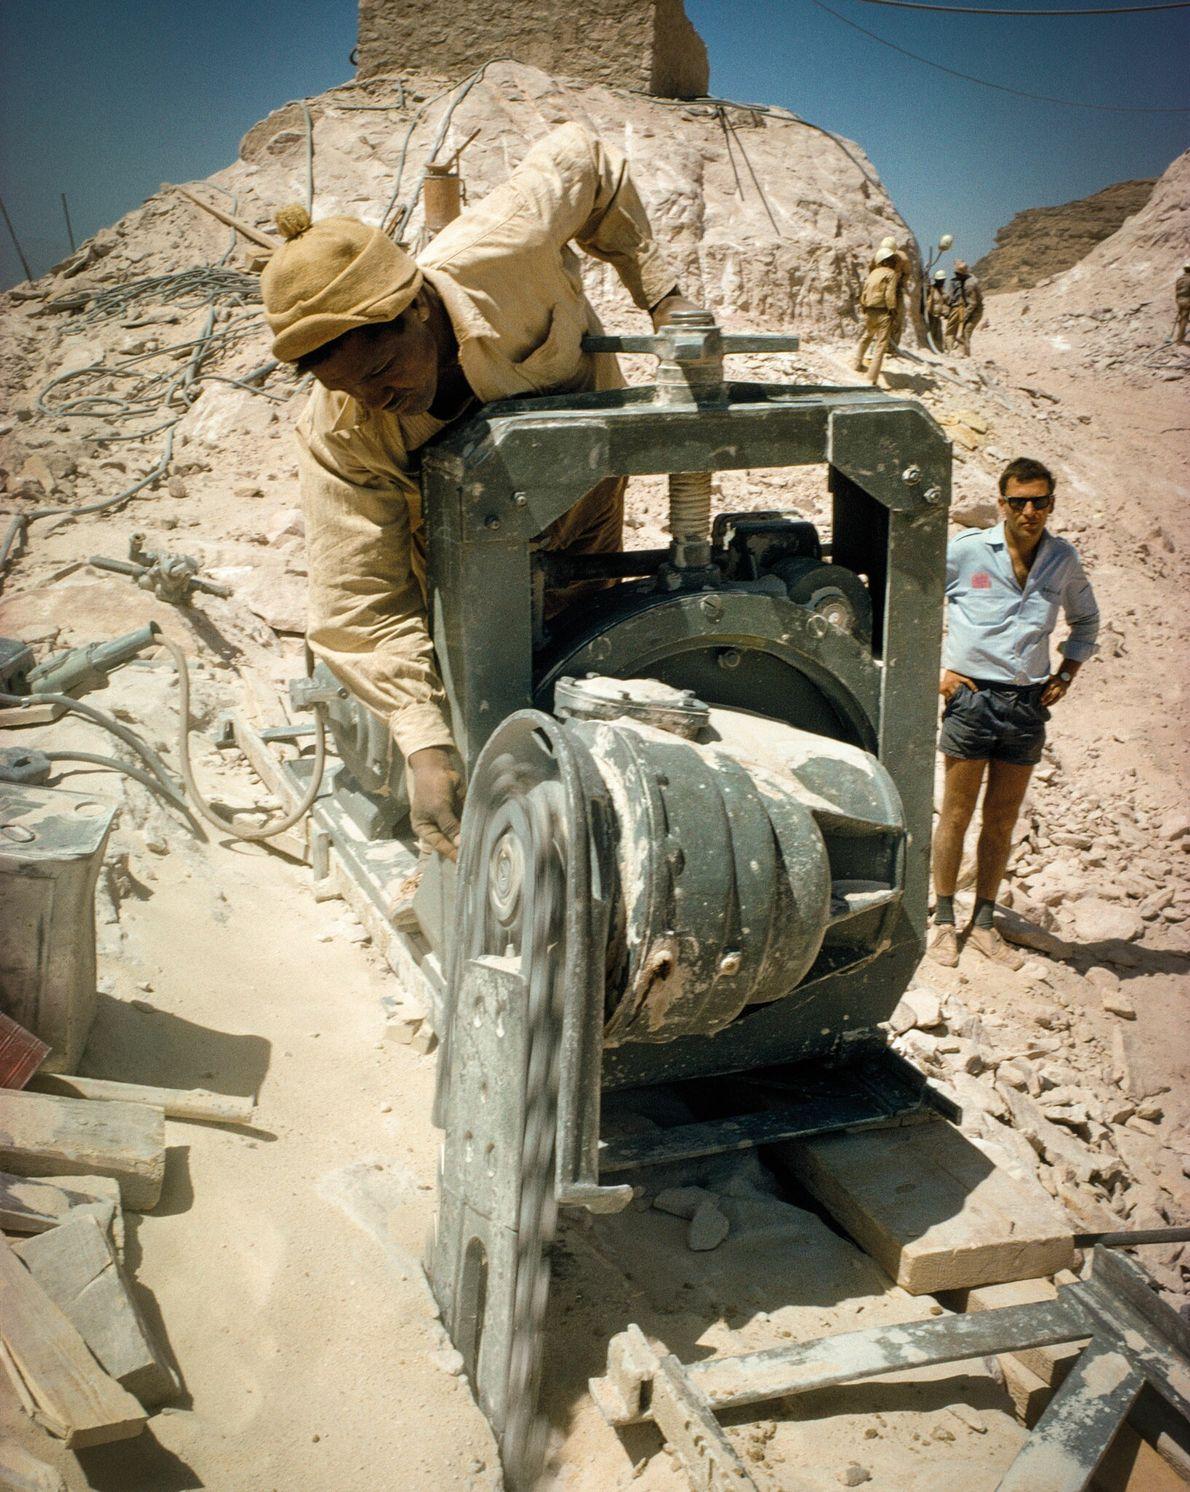 Des scies électriques sont utilisées pour tailler les blocs de pierre de la partie supérieure du ...